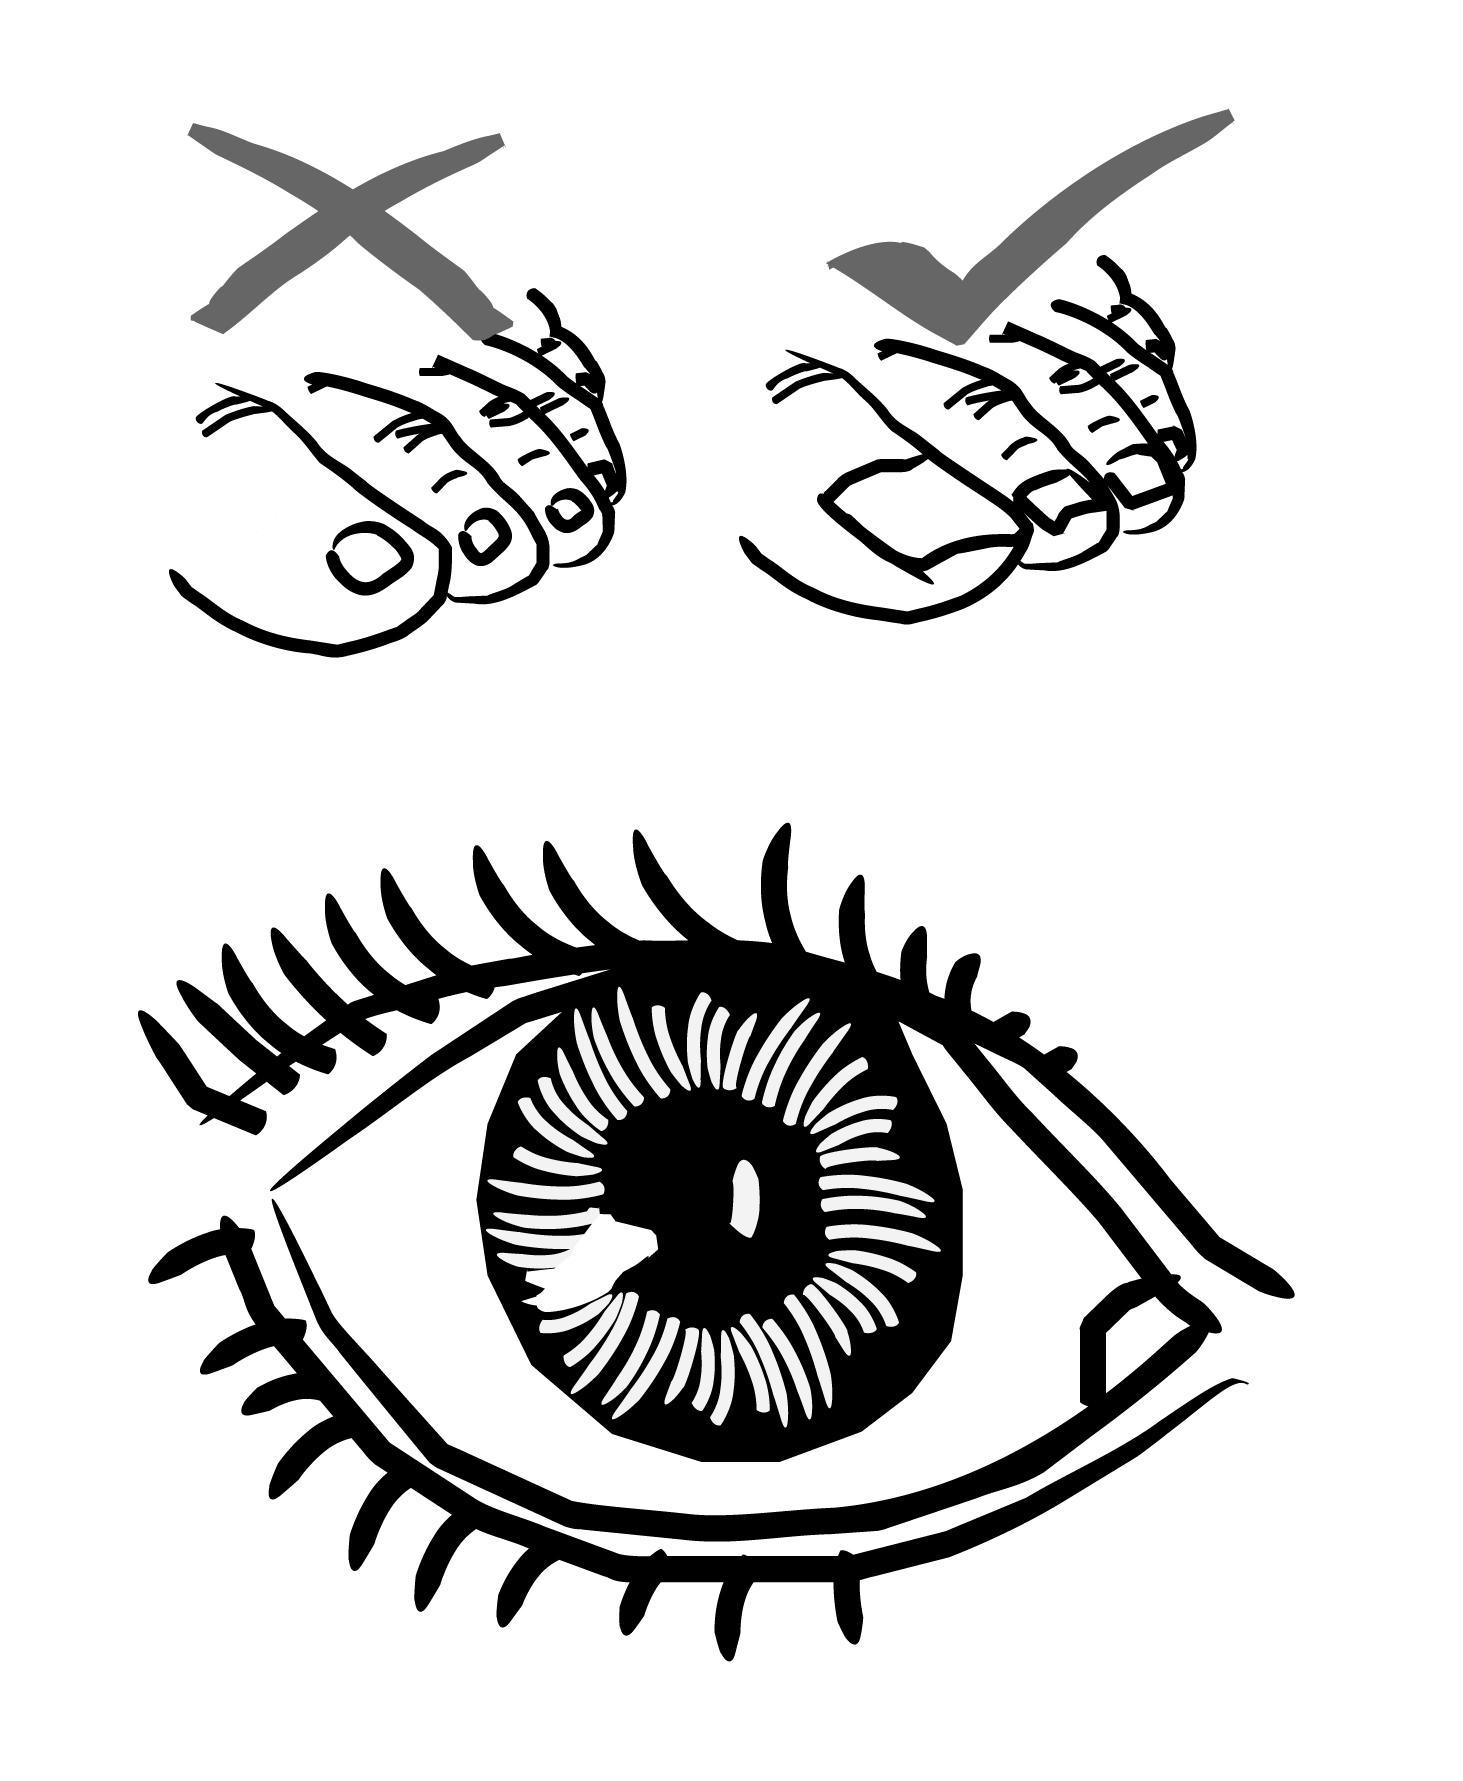 Ilustraciones - Libro Diabetes - Practilibros